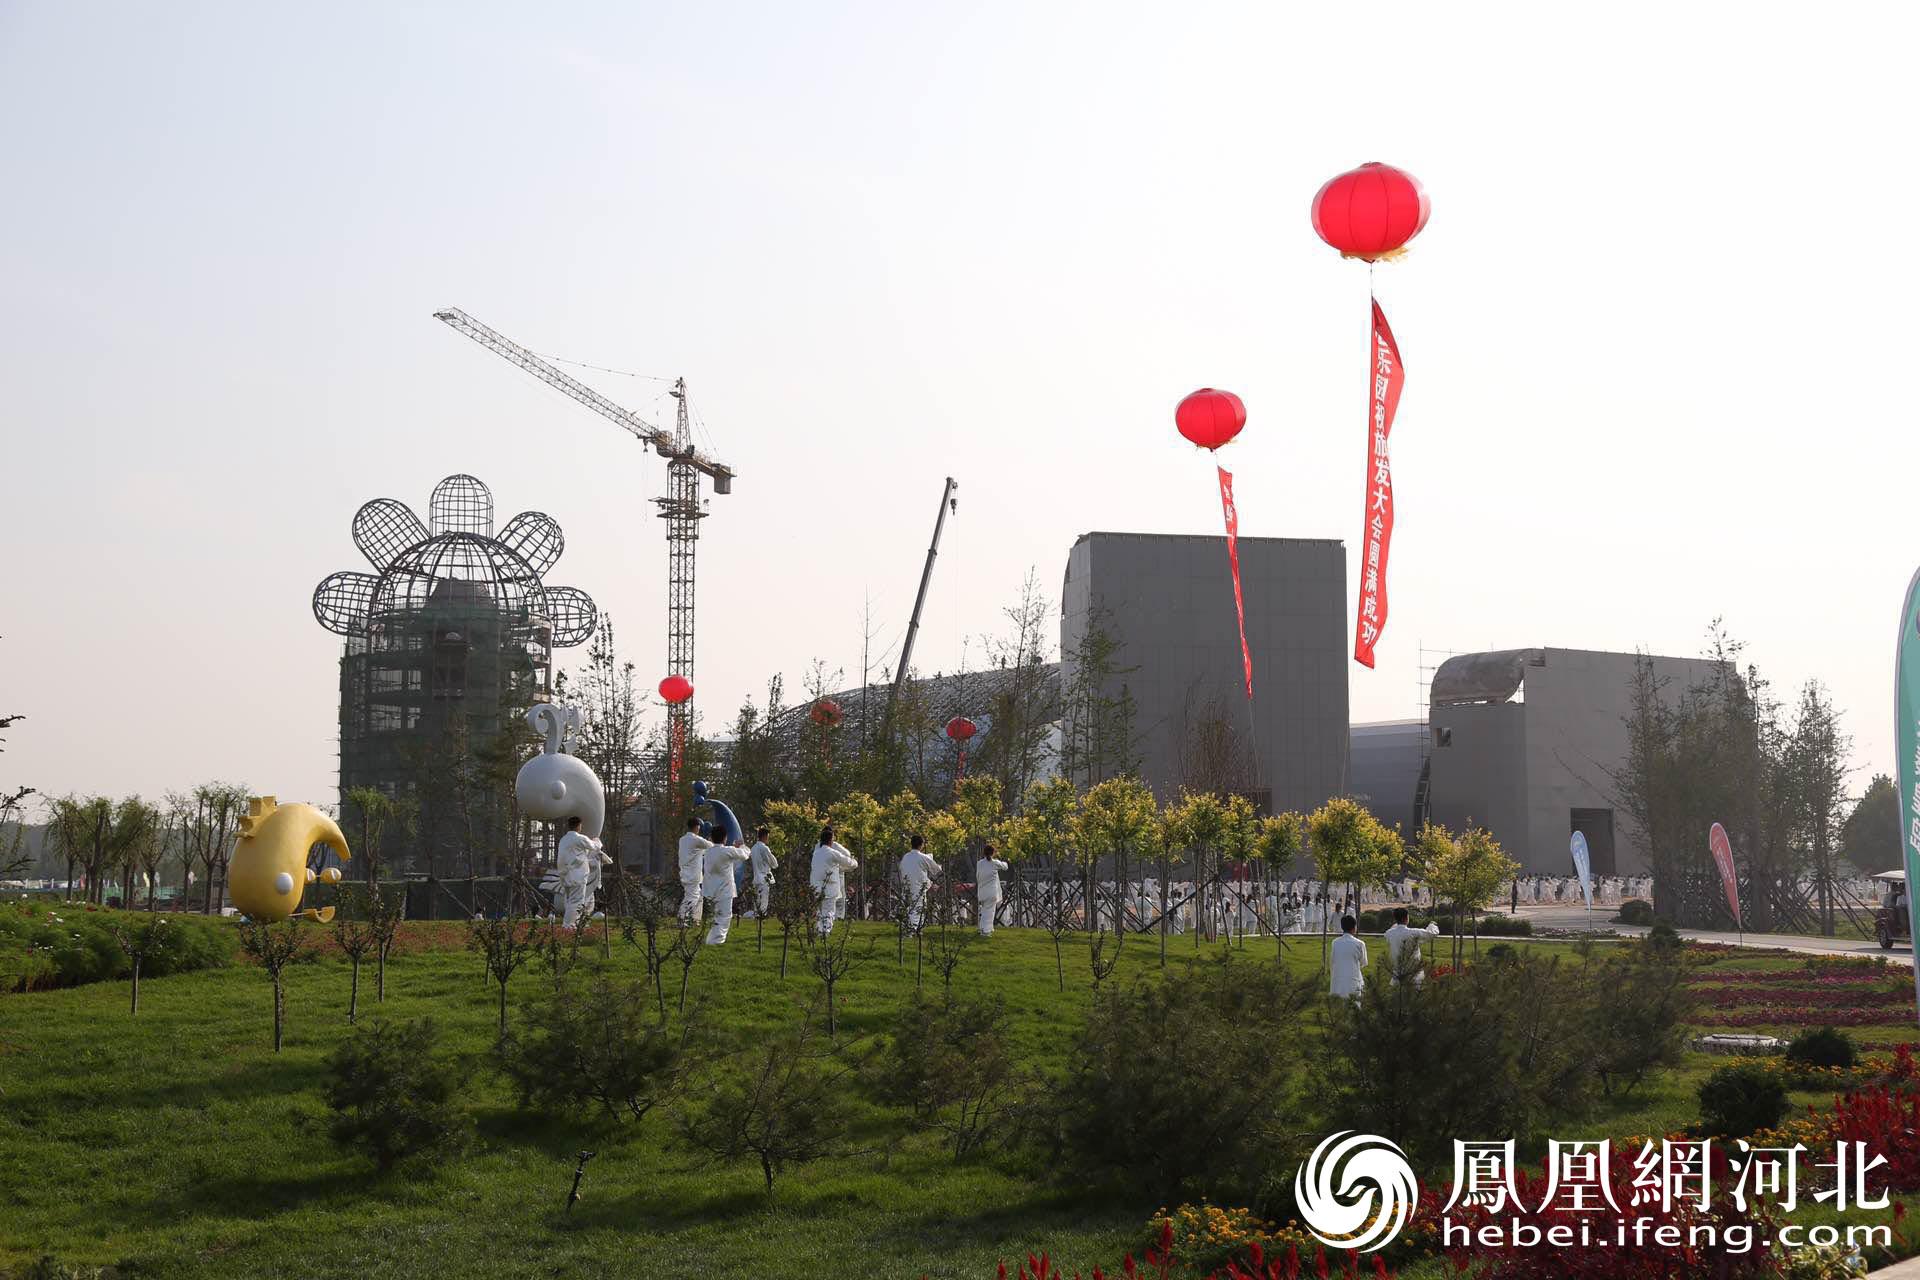 旅发大会精品项目观摩 全角度呈现秦皇岛旅游新成果